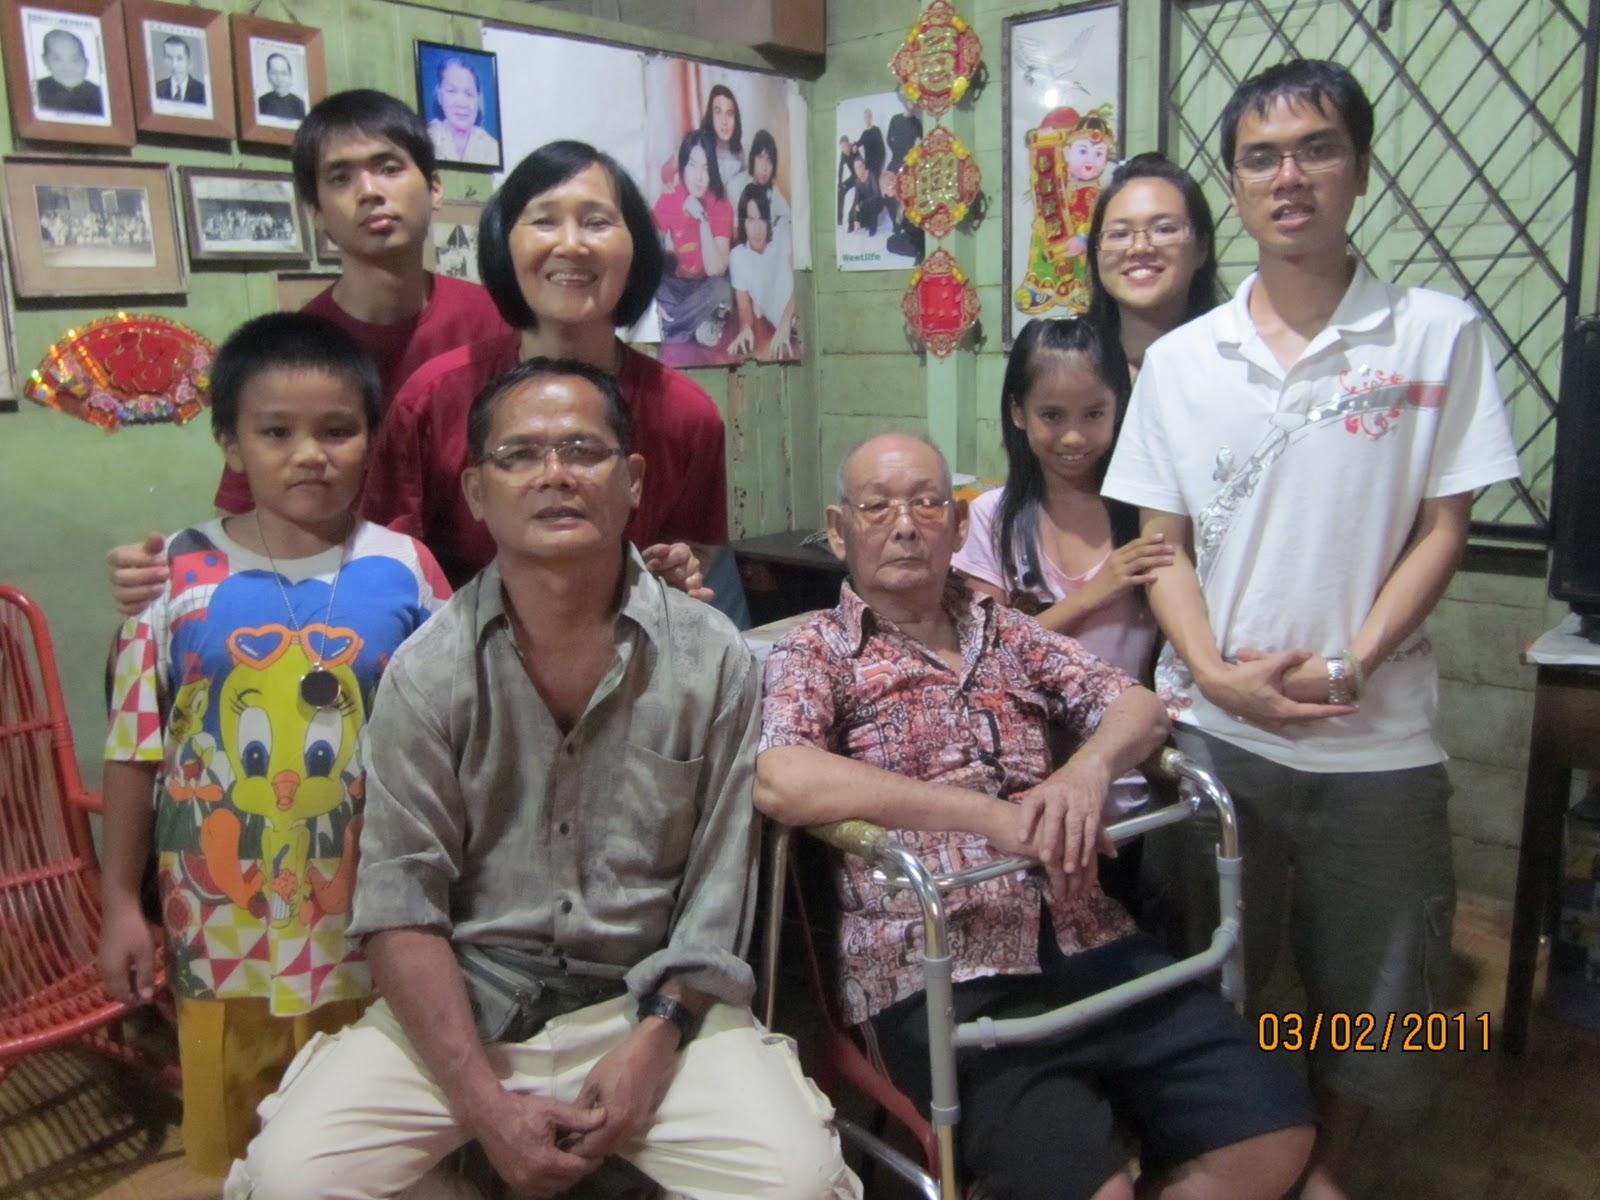 表侄兒、堂妹、家人、爺爺,四代同堂守夜。